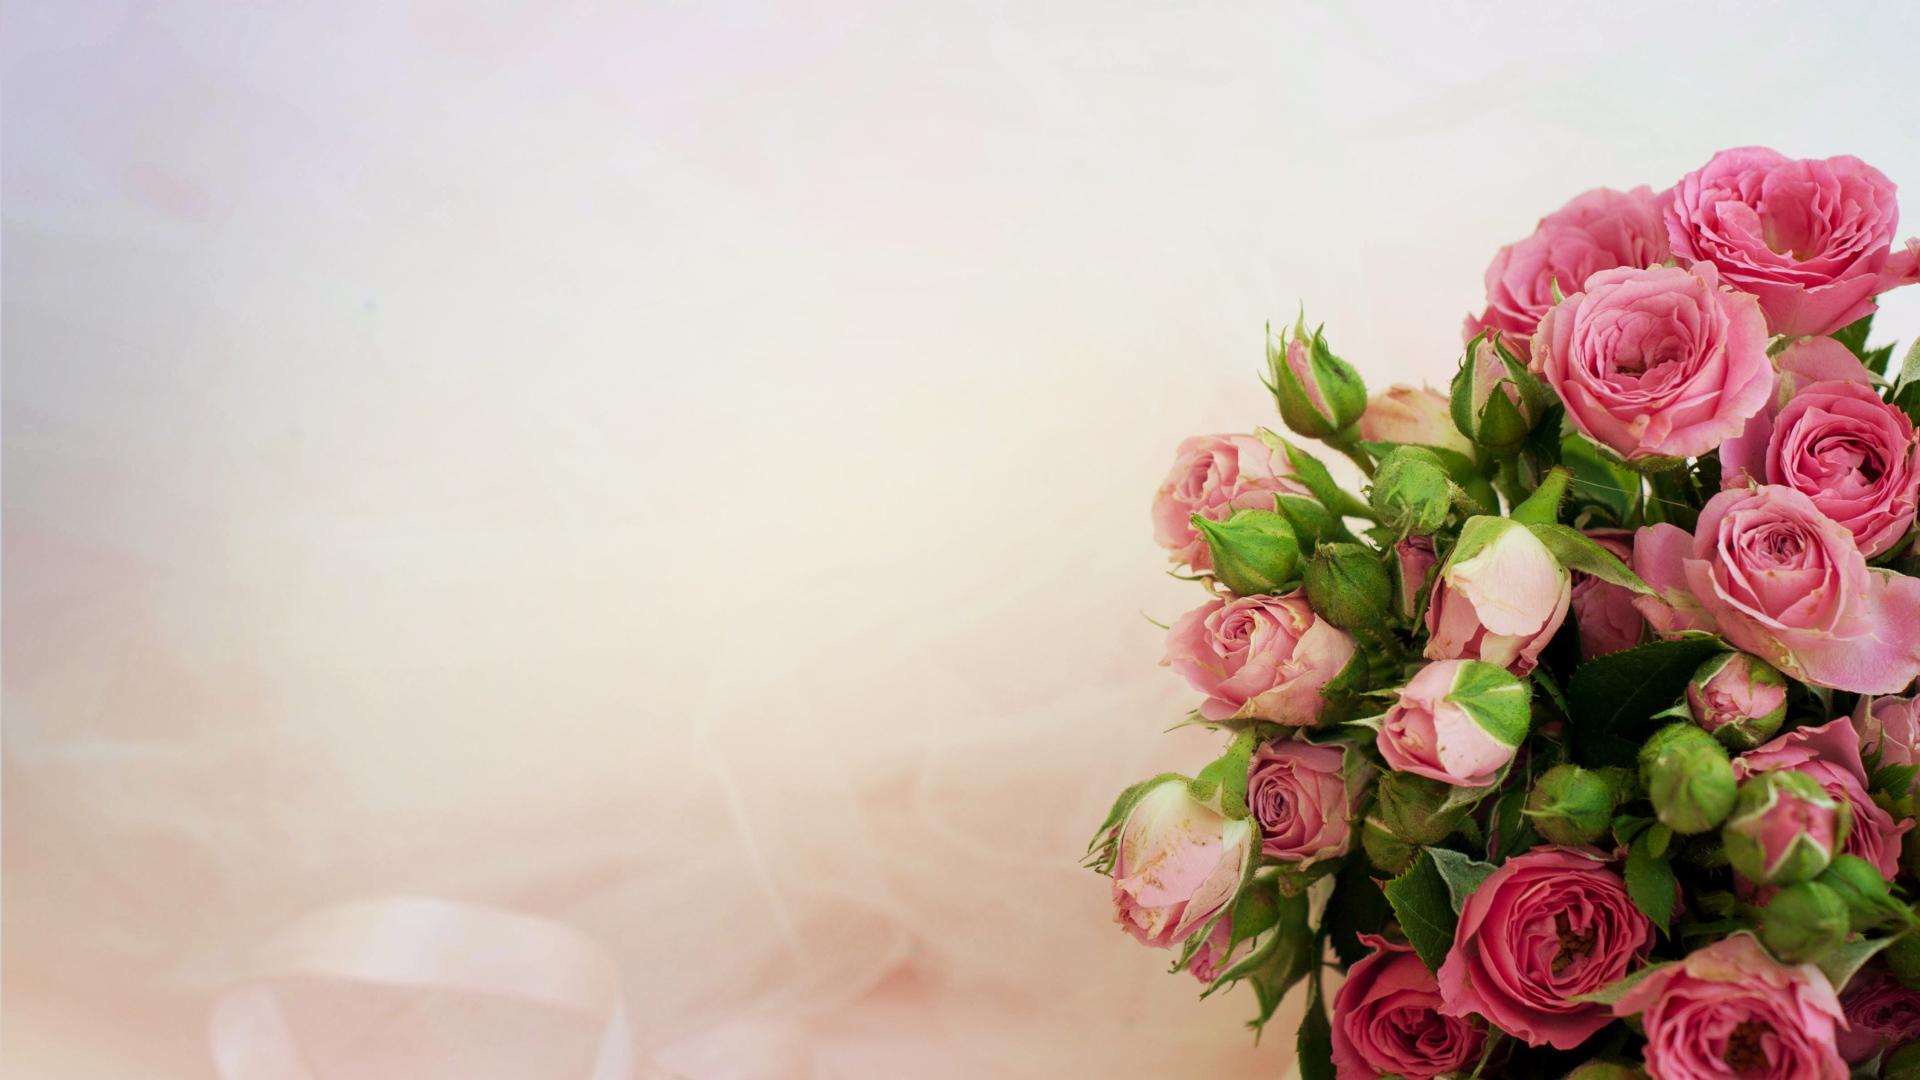 Грусти, цветы фоны для поздравительных открыток с днем рождения